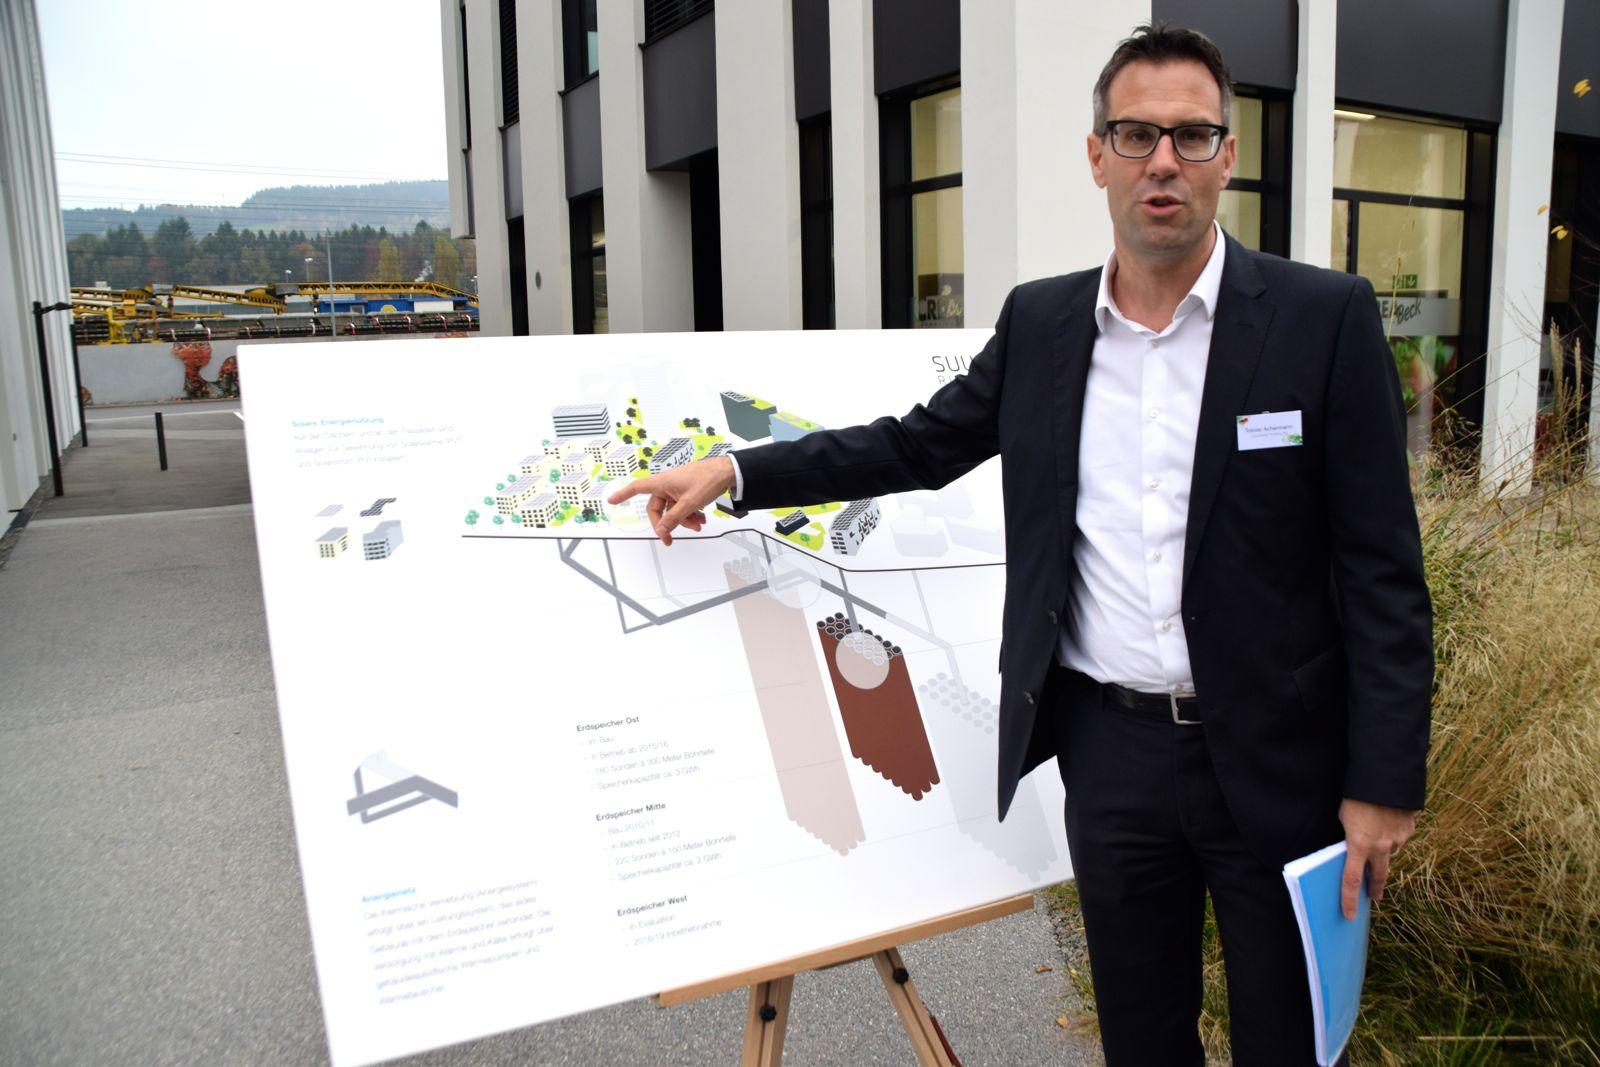 Tobias Achermann, CEO der Zug Estates Holding AG, die das «Suurstoffi»-Areal besitzt. Er erläuterte das nachhaltige Energiekonzept, das mit Erdwärme funktioniert.